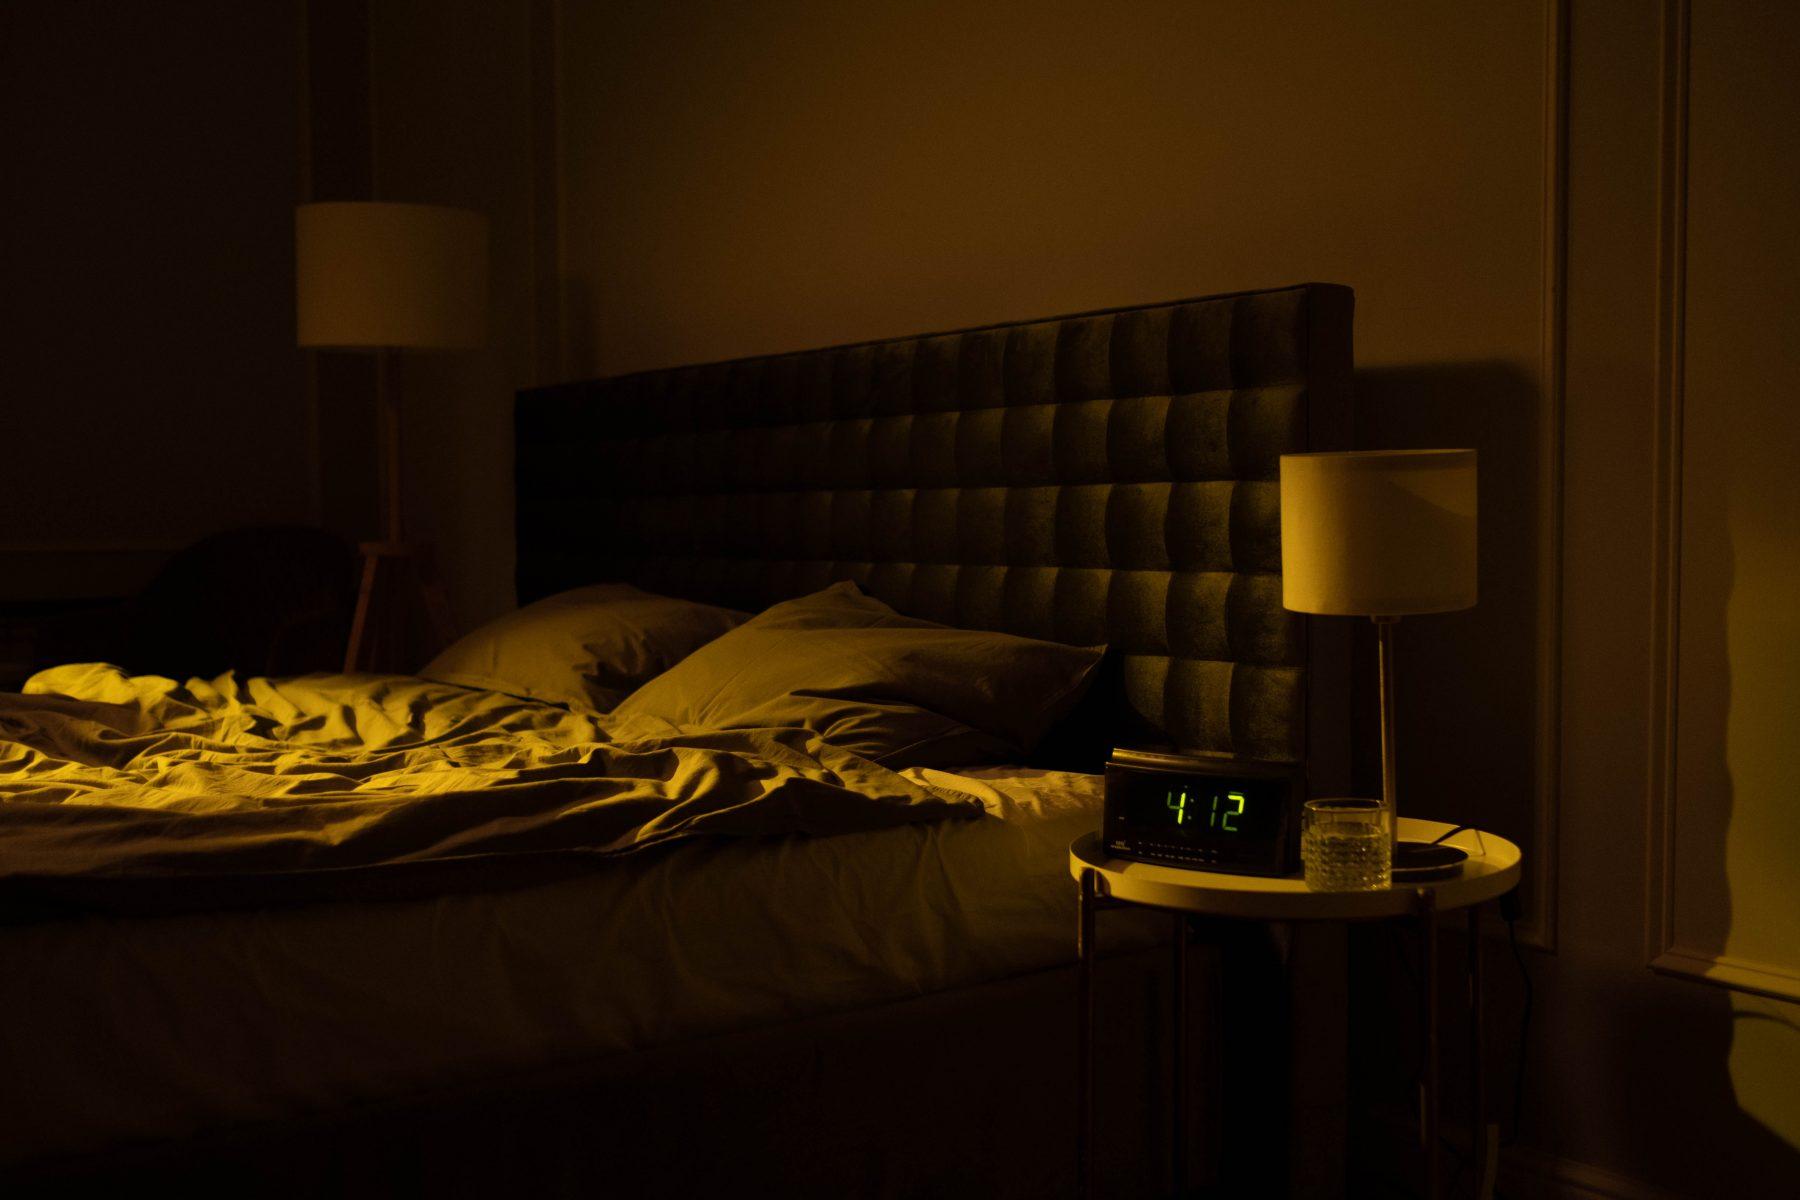 Leeres Bett und eine Uhr, die 4:12 anzeigt.